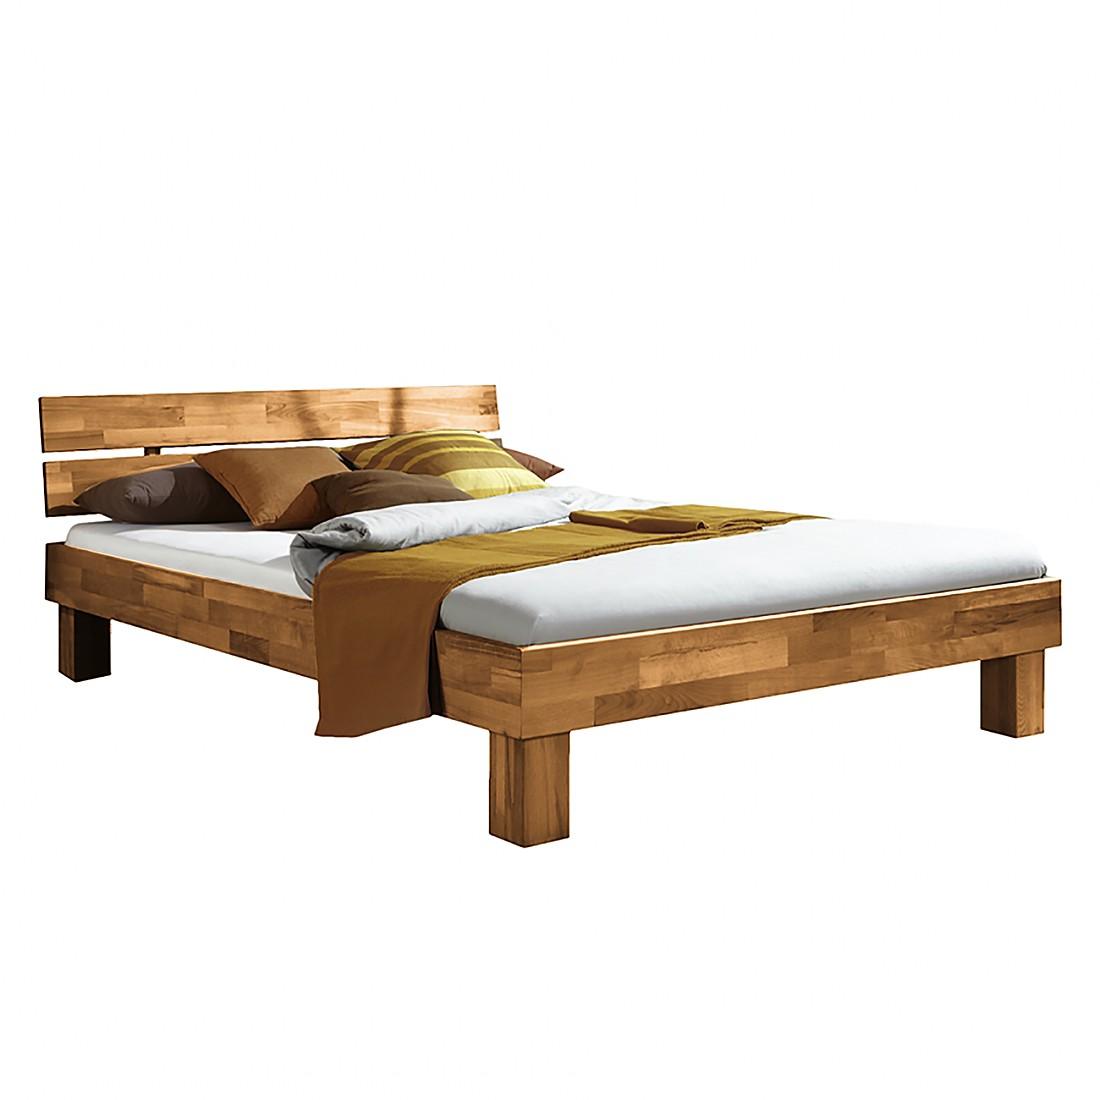 Massief houten bed SonaWOOD - geolied massief wild eikenhout - 140 x 200cm, Ars Natura